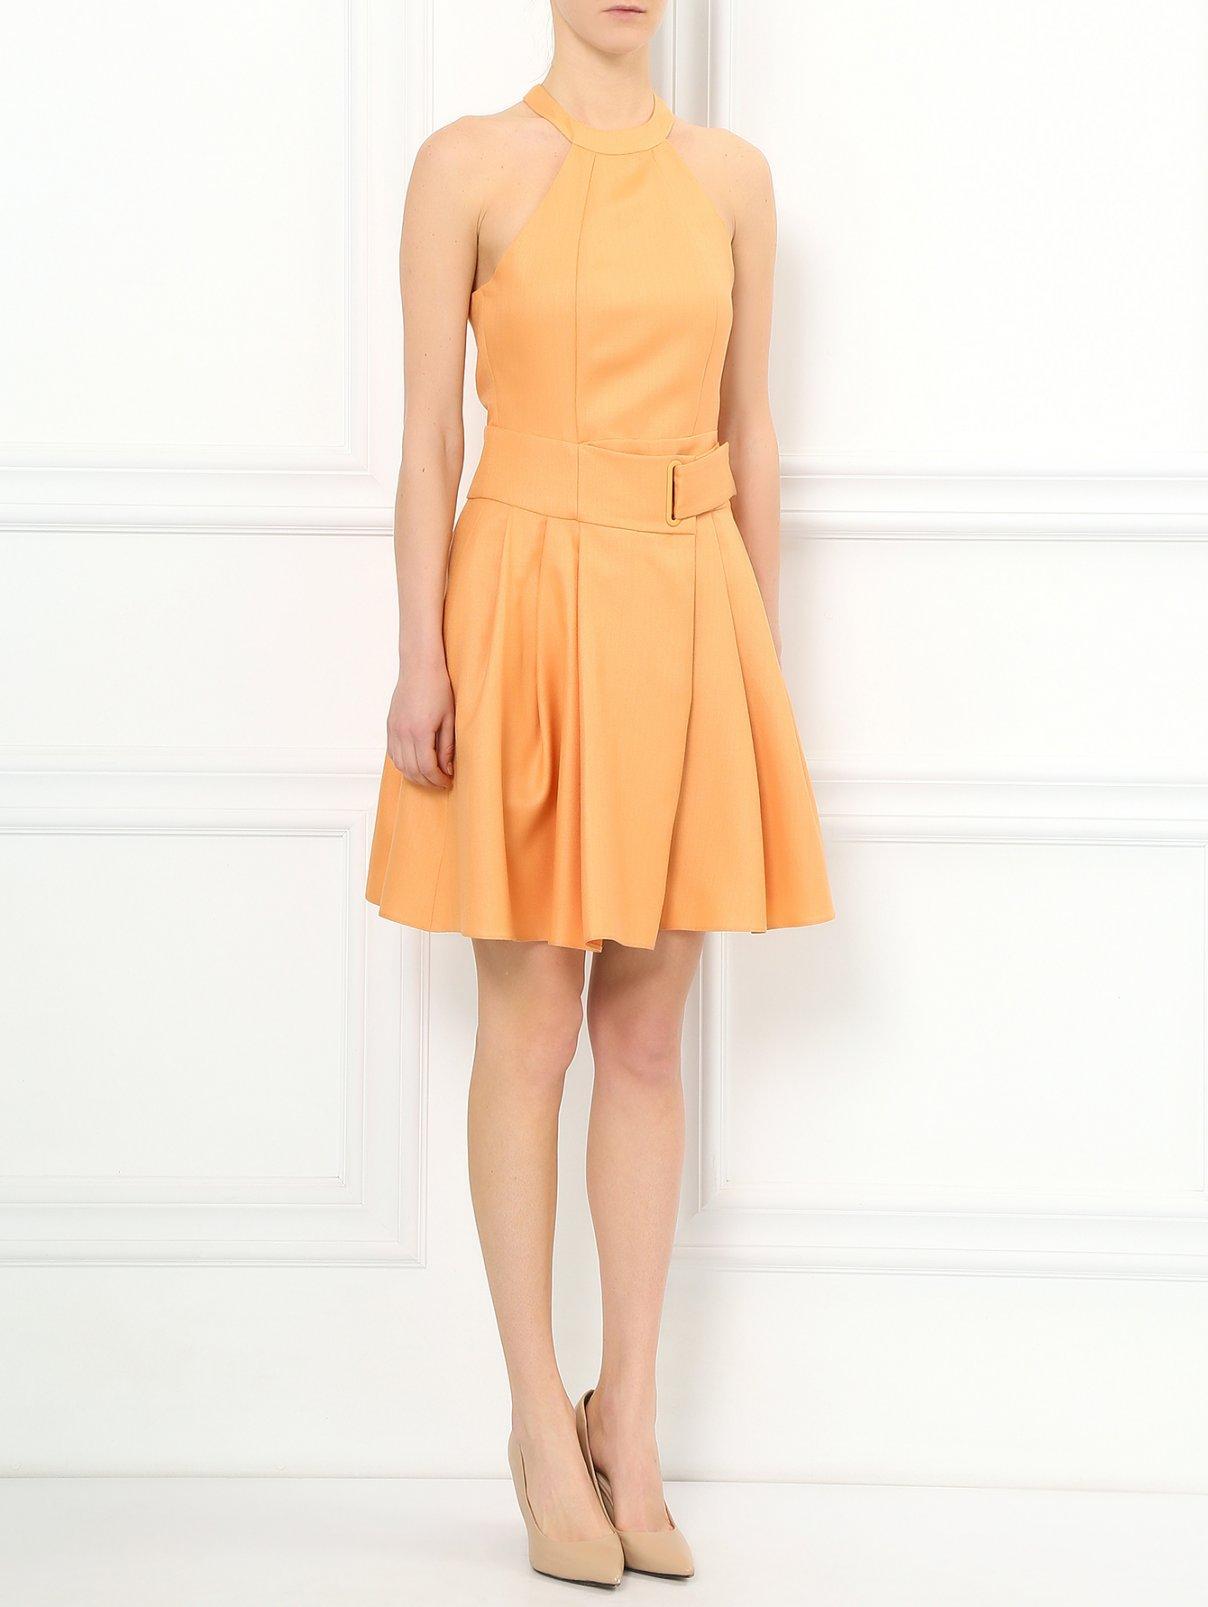 Платье-мини с декоративной пряжкой Emporio Armani  –  Модель Общий вид  – Цвет:  Оранжевый